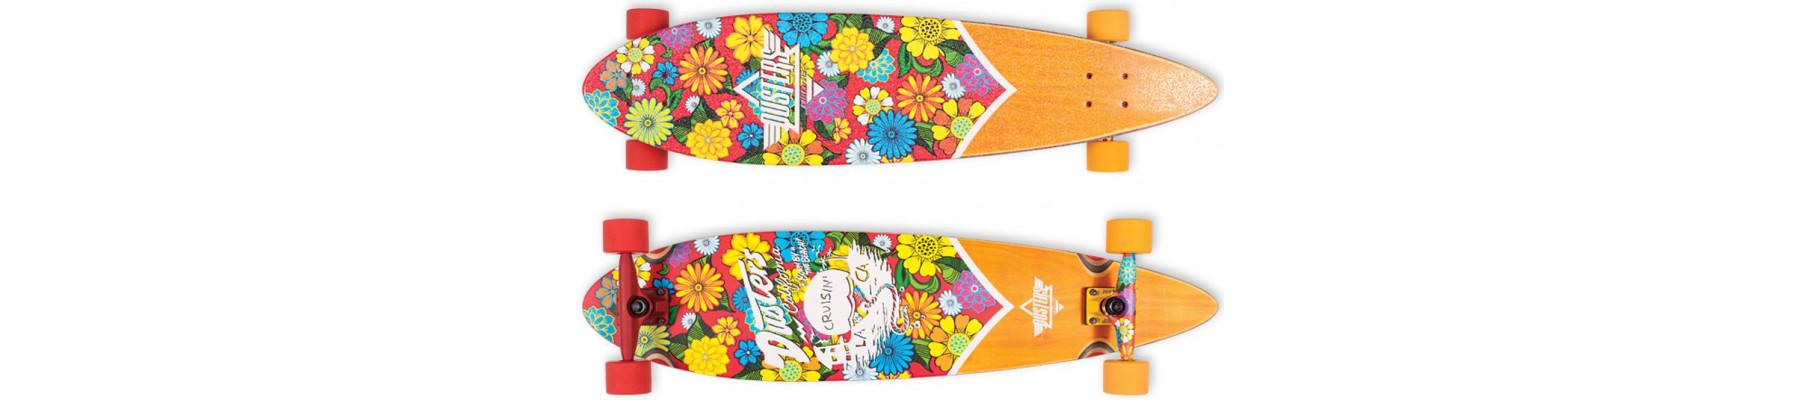 Dusters California Cruisin Blossom 37